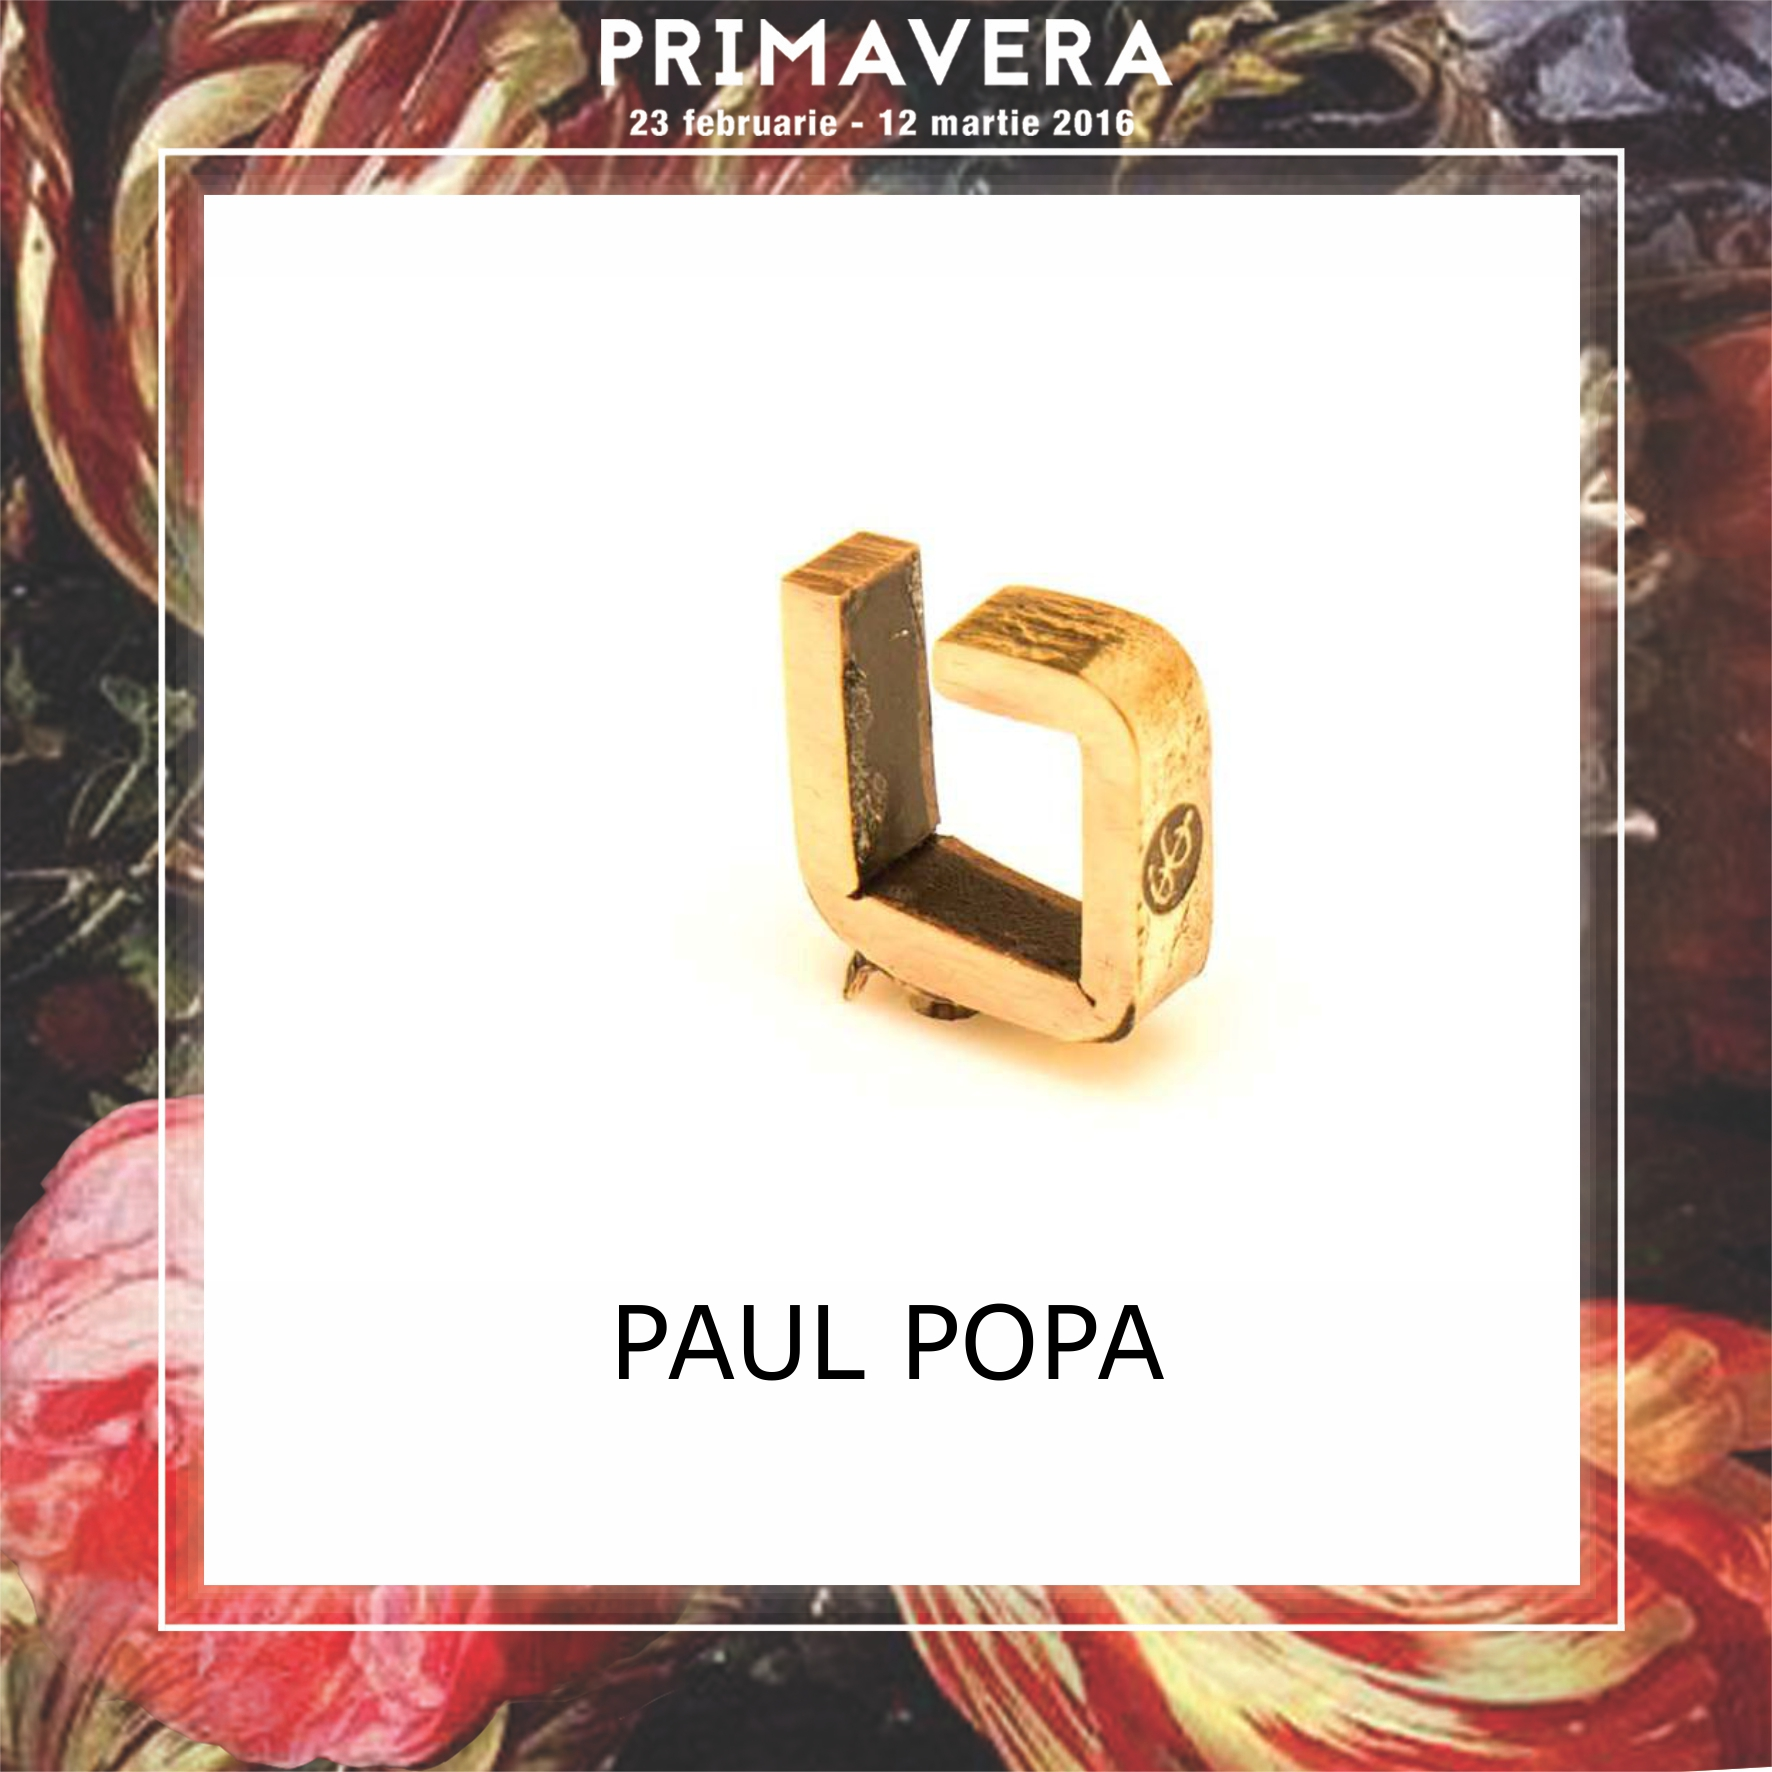 Paul Popa